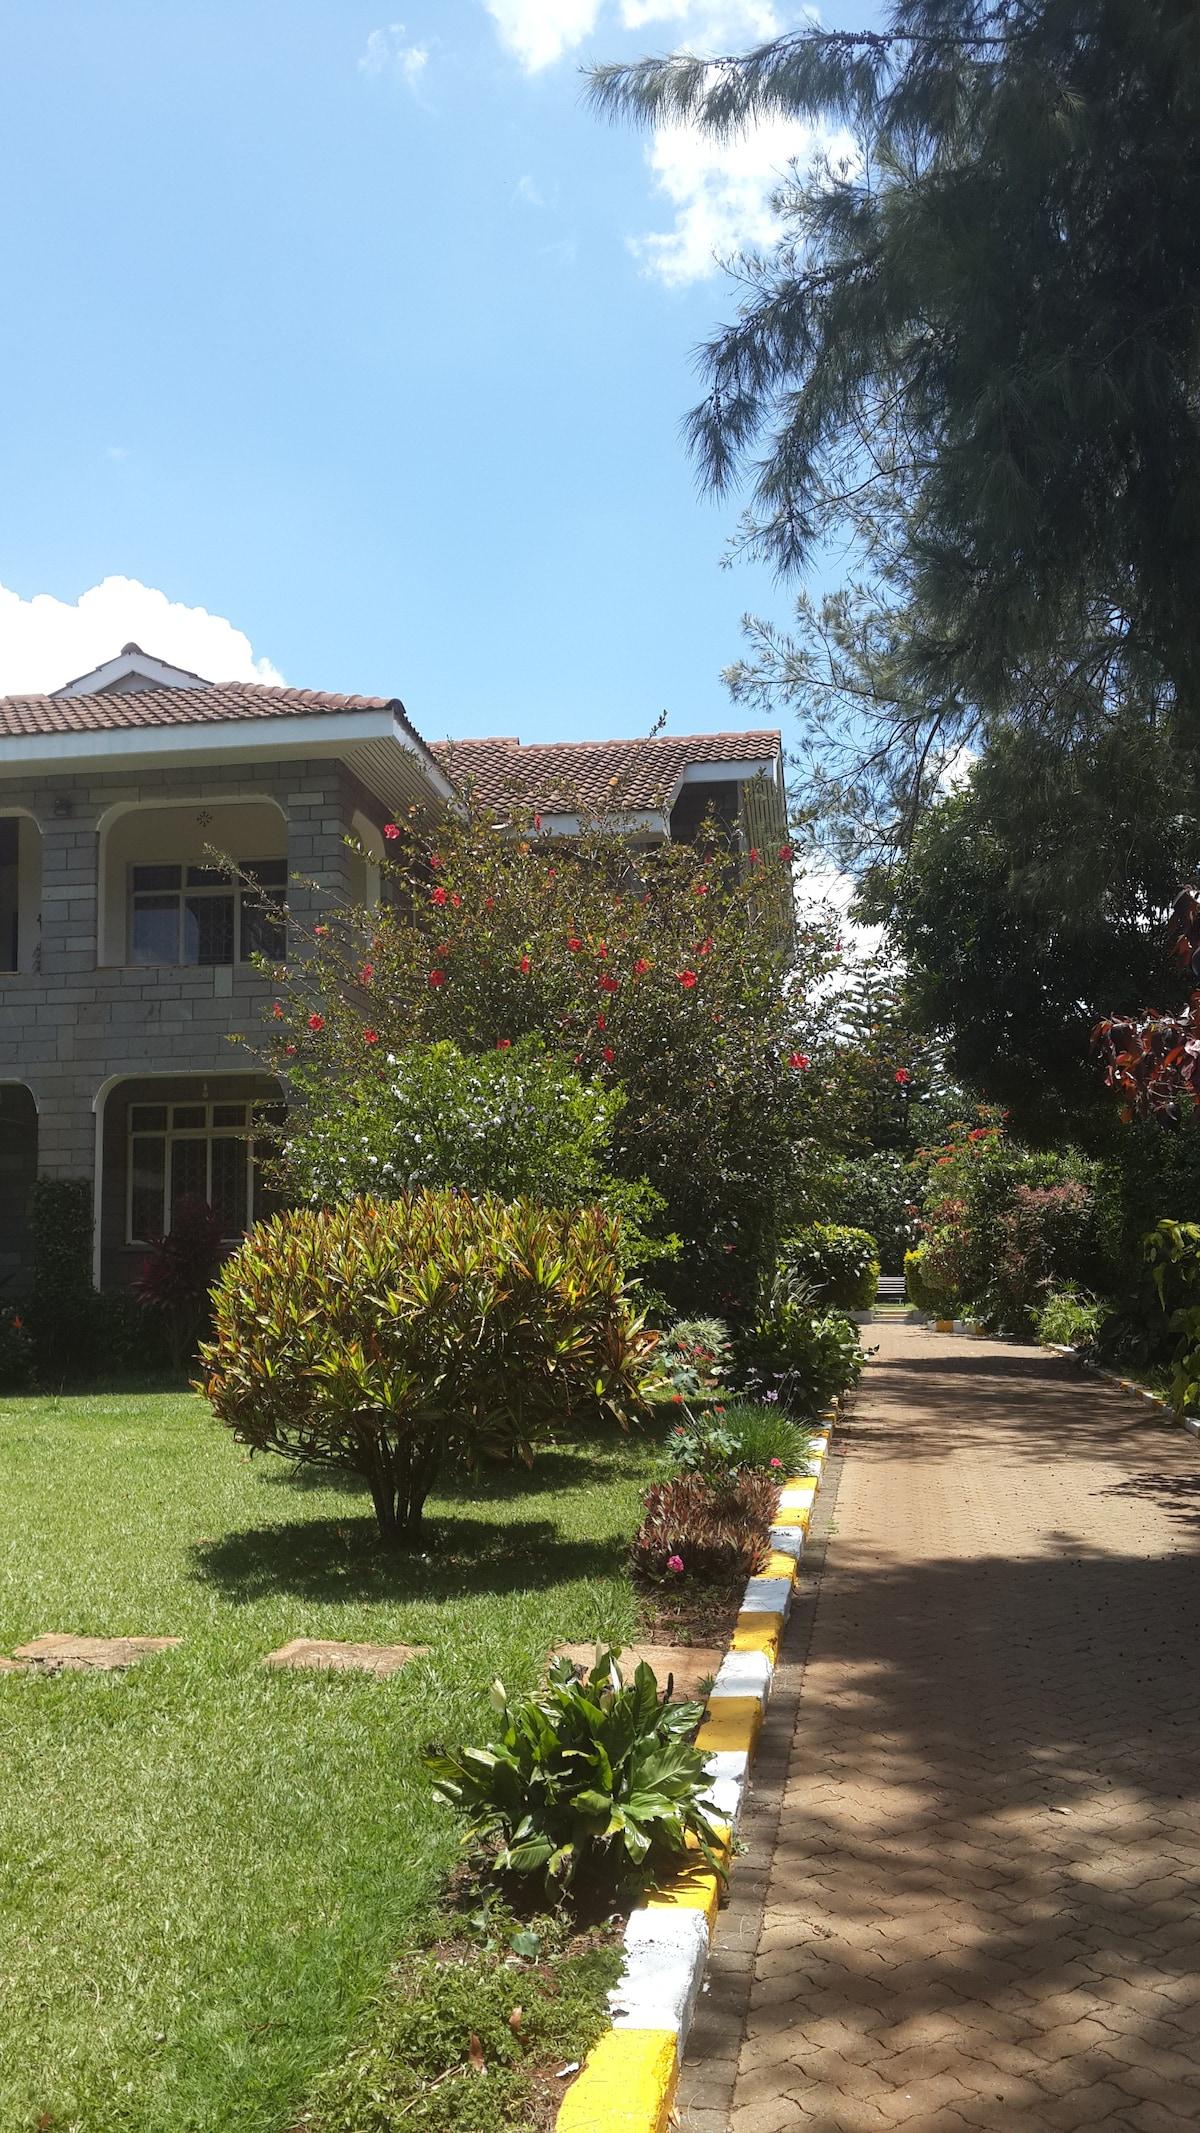 Nyumbani : Be at home here